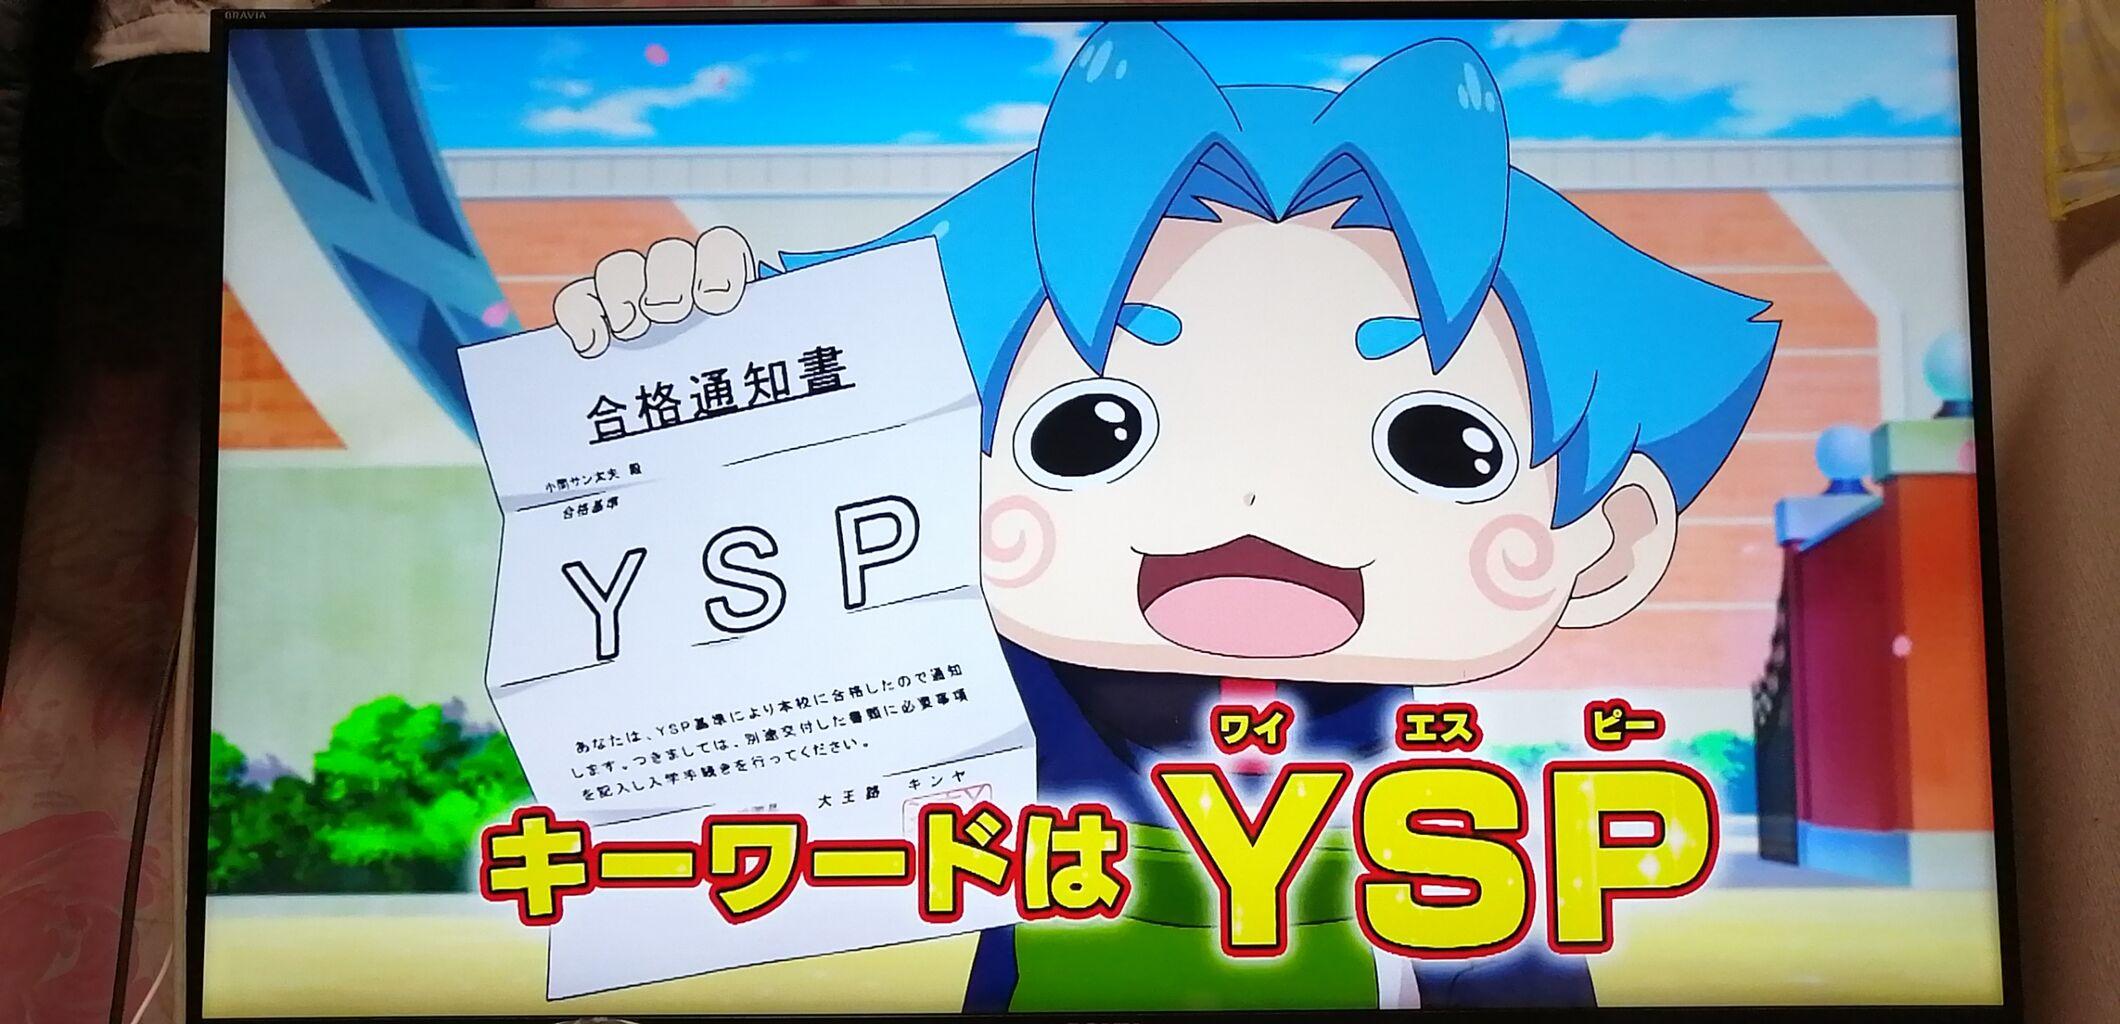 ウォッチ 更新 Ysp